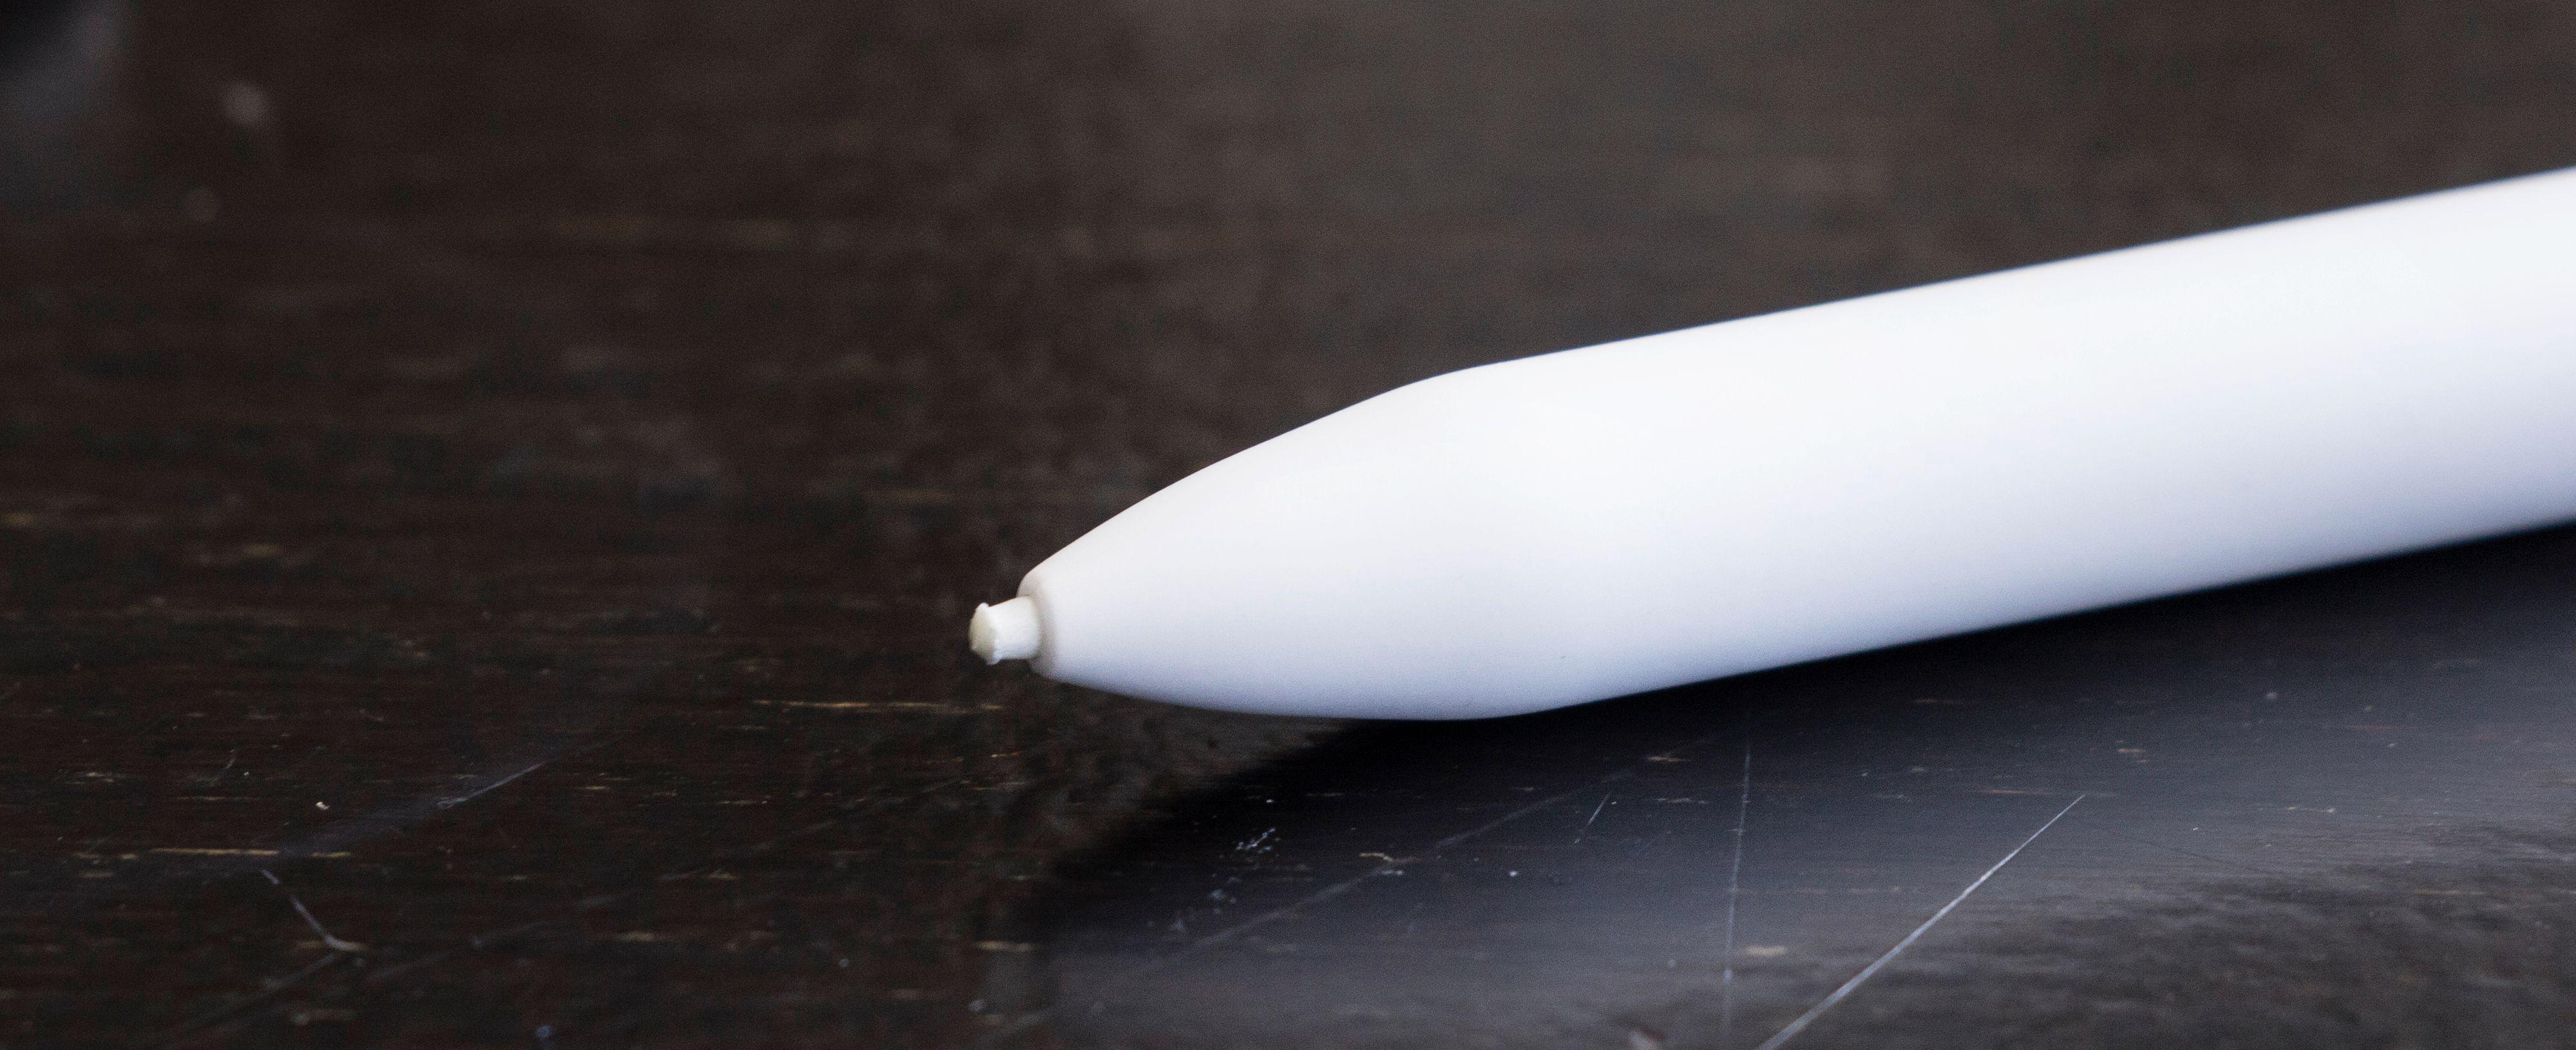 At du må bytte tupp på penna med jevne mellomrom er litt irriterende. Her etter snaue to uker med middels bruk.